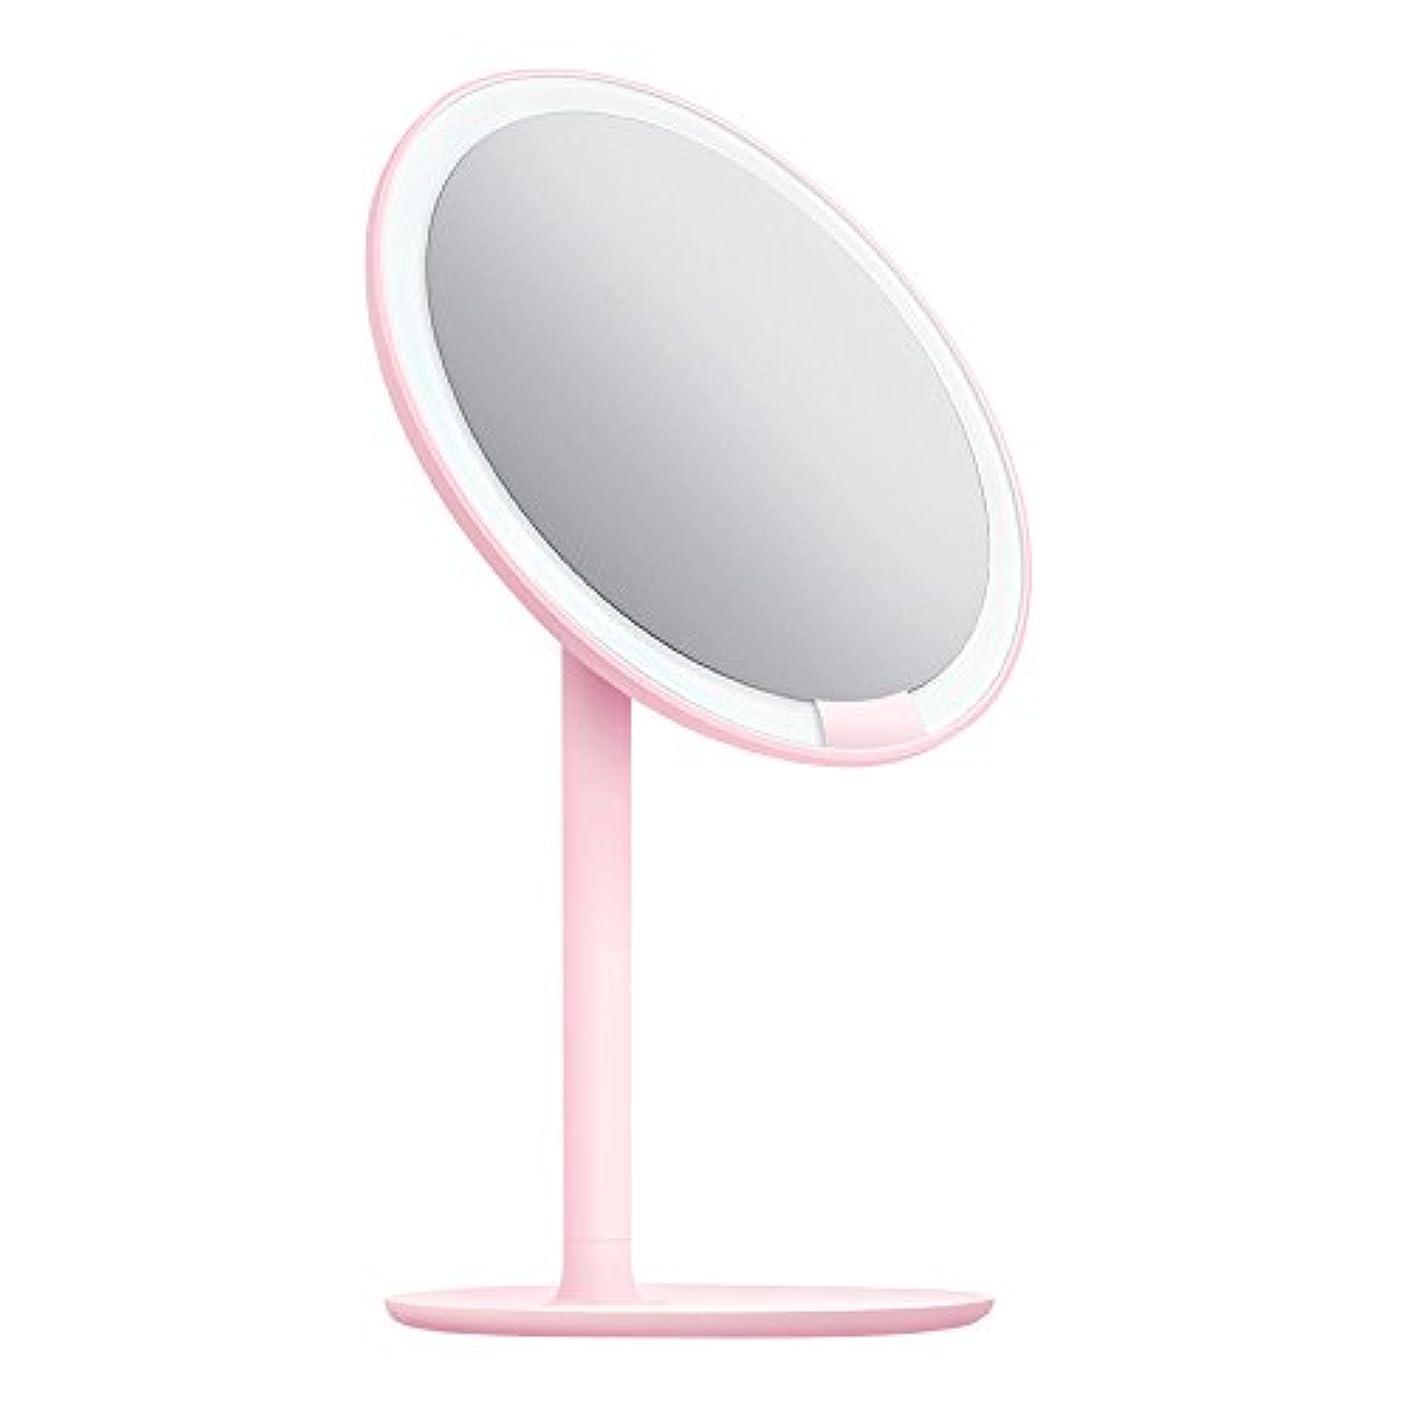 メイエラ相手異なるAMIRO 化粧鏡 化粧ミラー LEDライト付き 卓上鏡 女優ミラー 3段階明るさ調節可能 コードレス 充電式